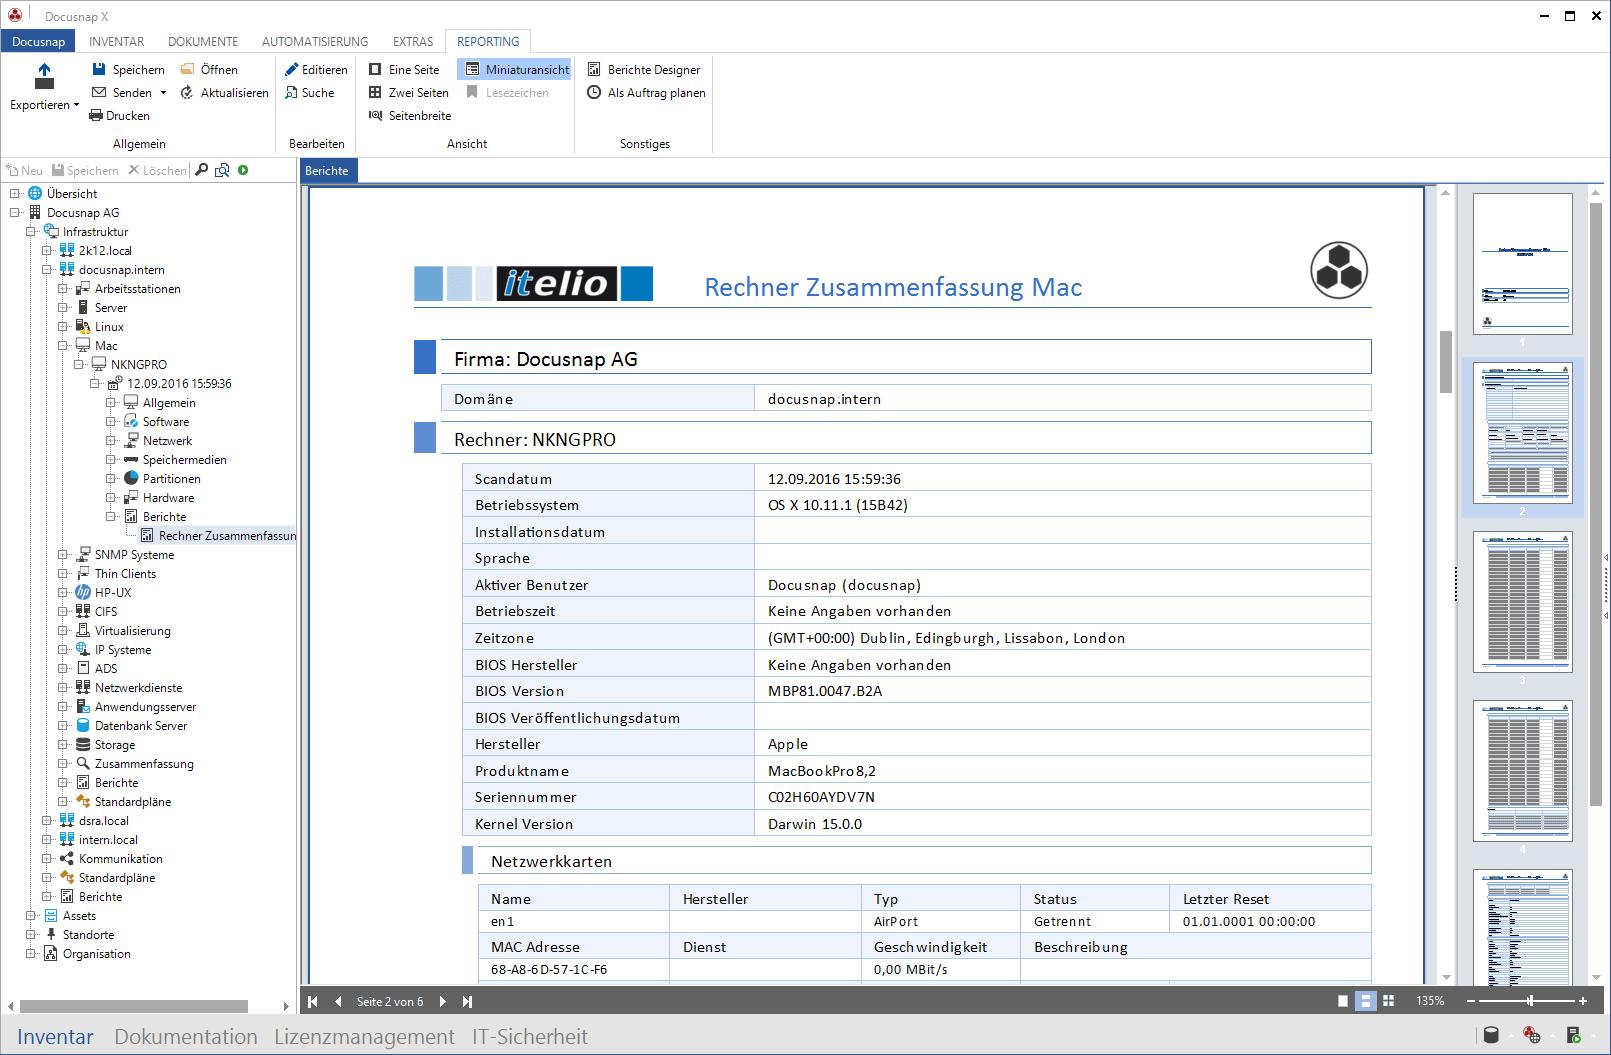 macOS Hardware Inventarisierung und automatische Erstellung von Datenblättern